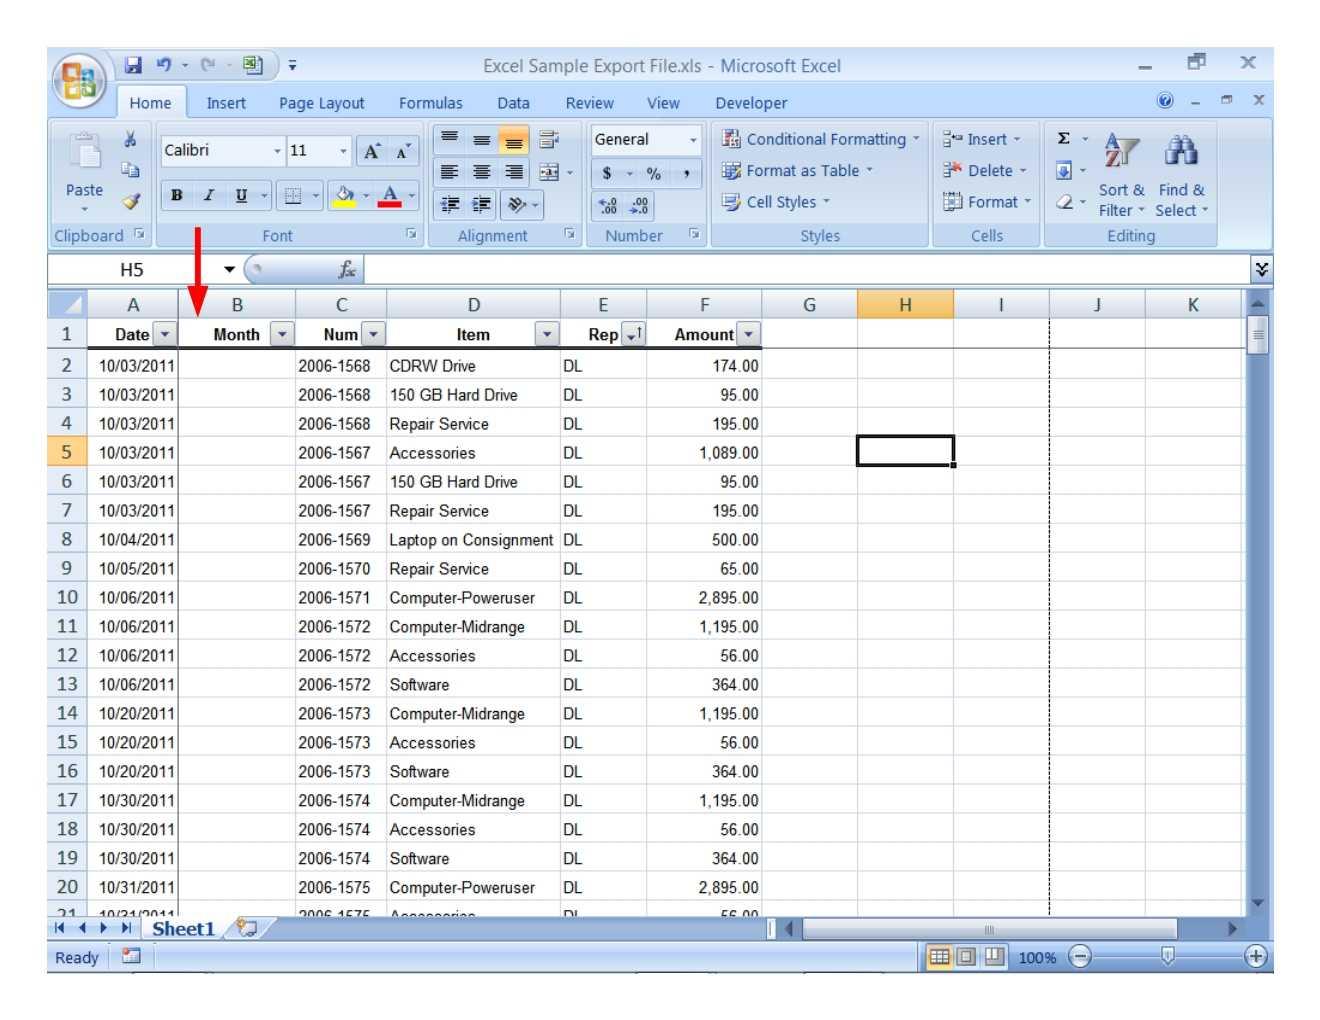 T Spreadsheet Template Intended For Sample Spreadsheet